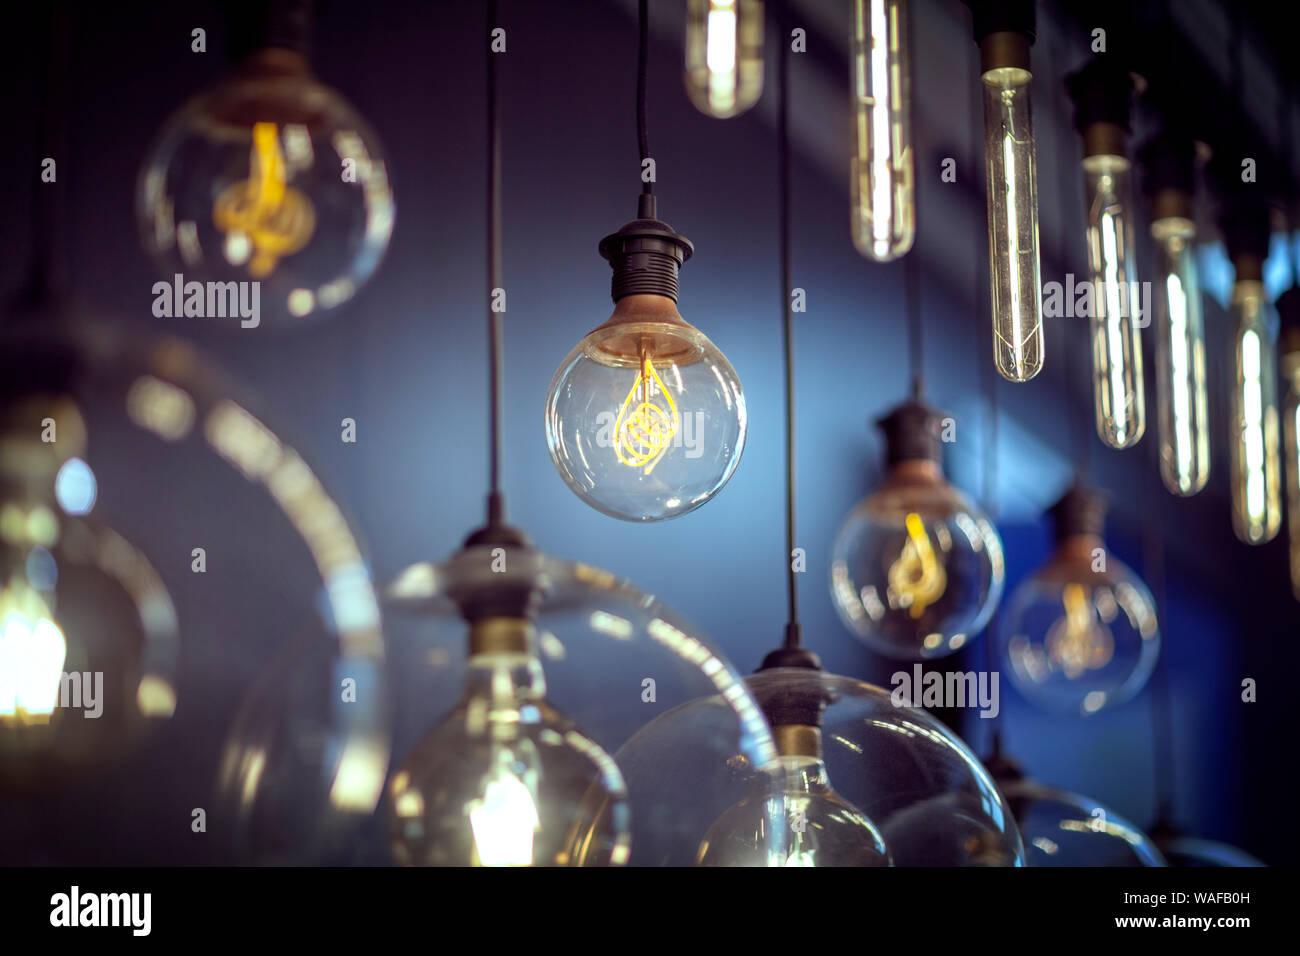 Ampoules suspendues dans une rangée Banque D'Images